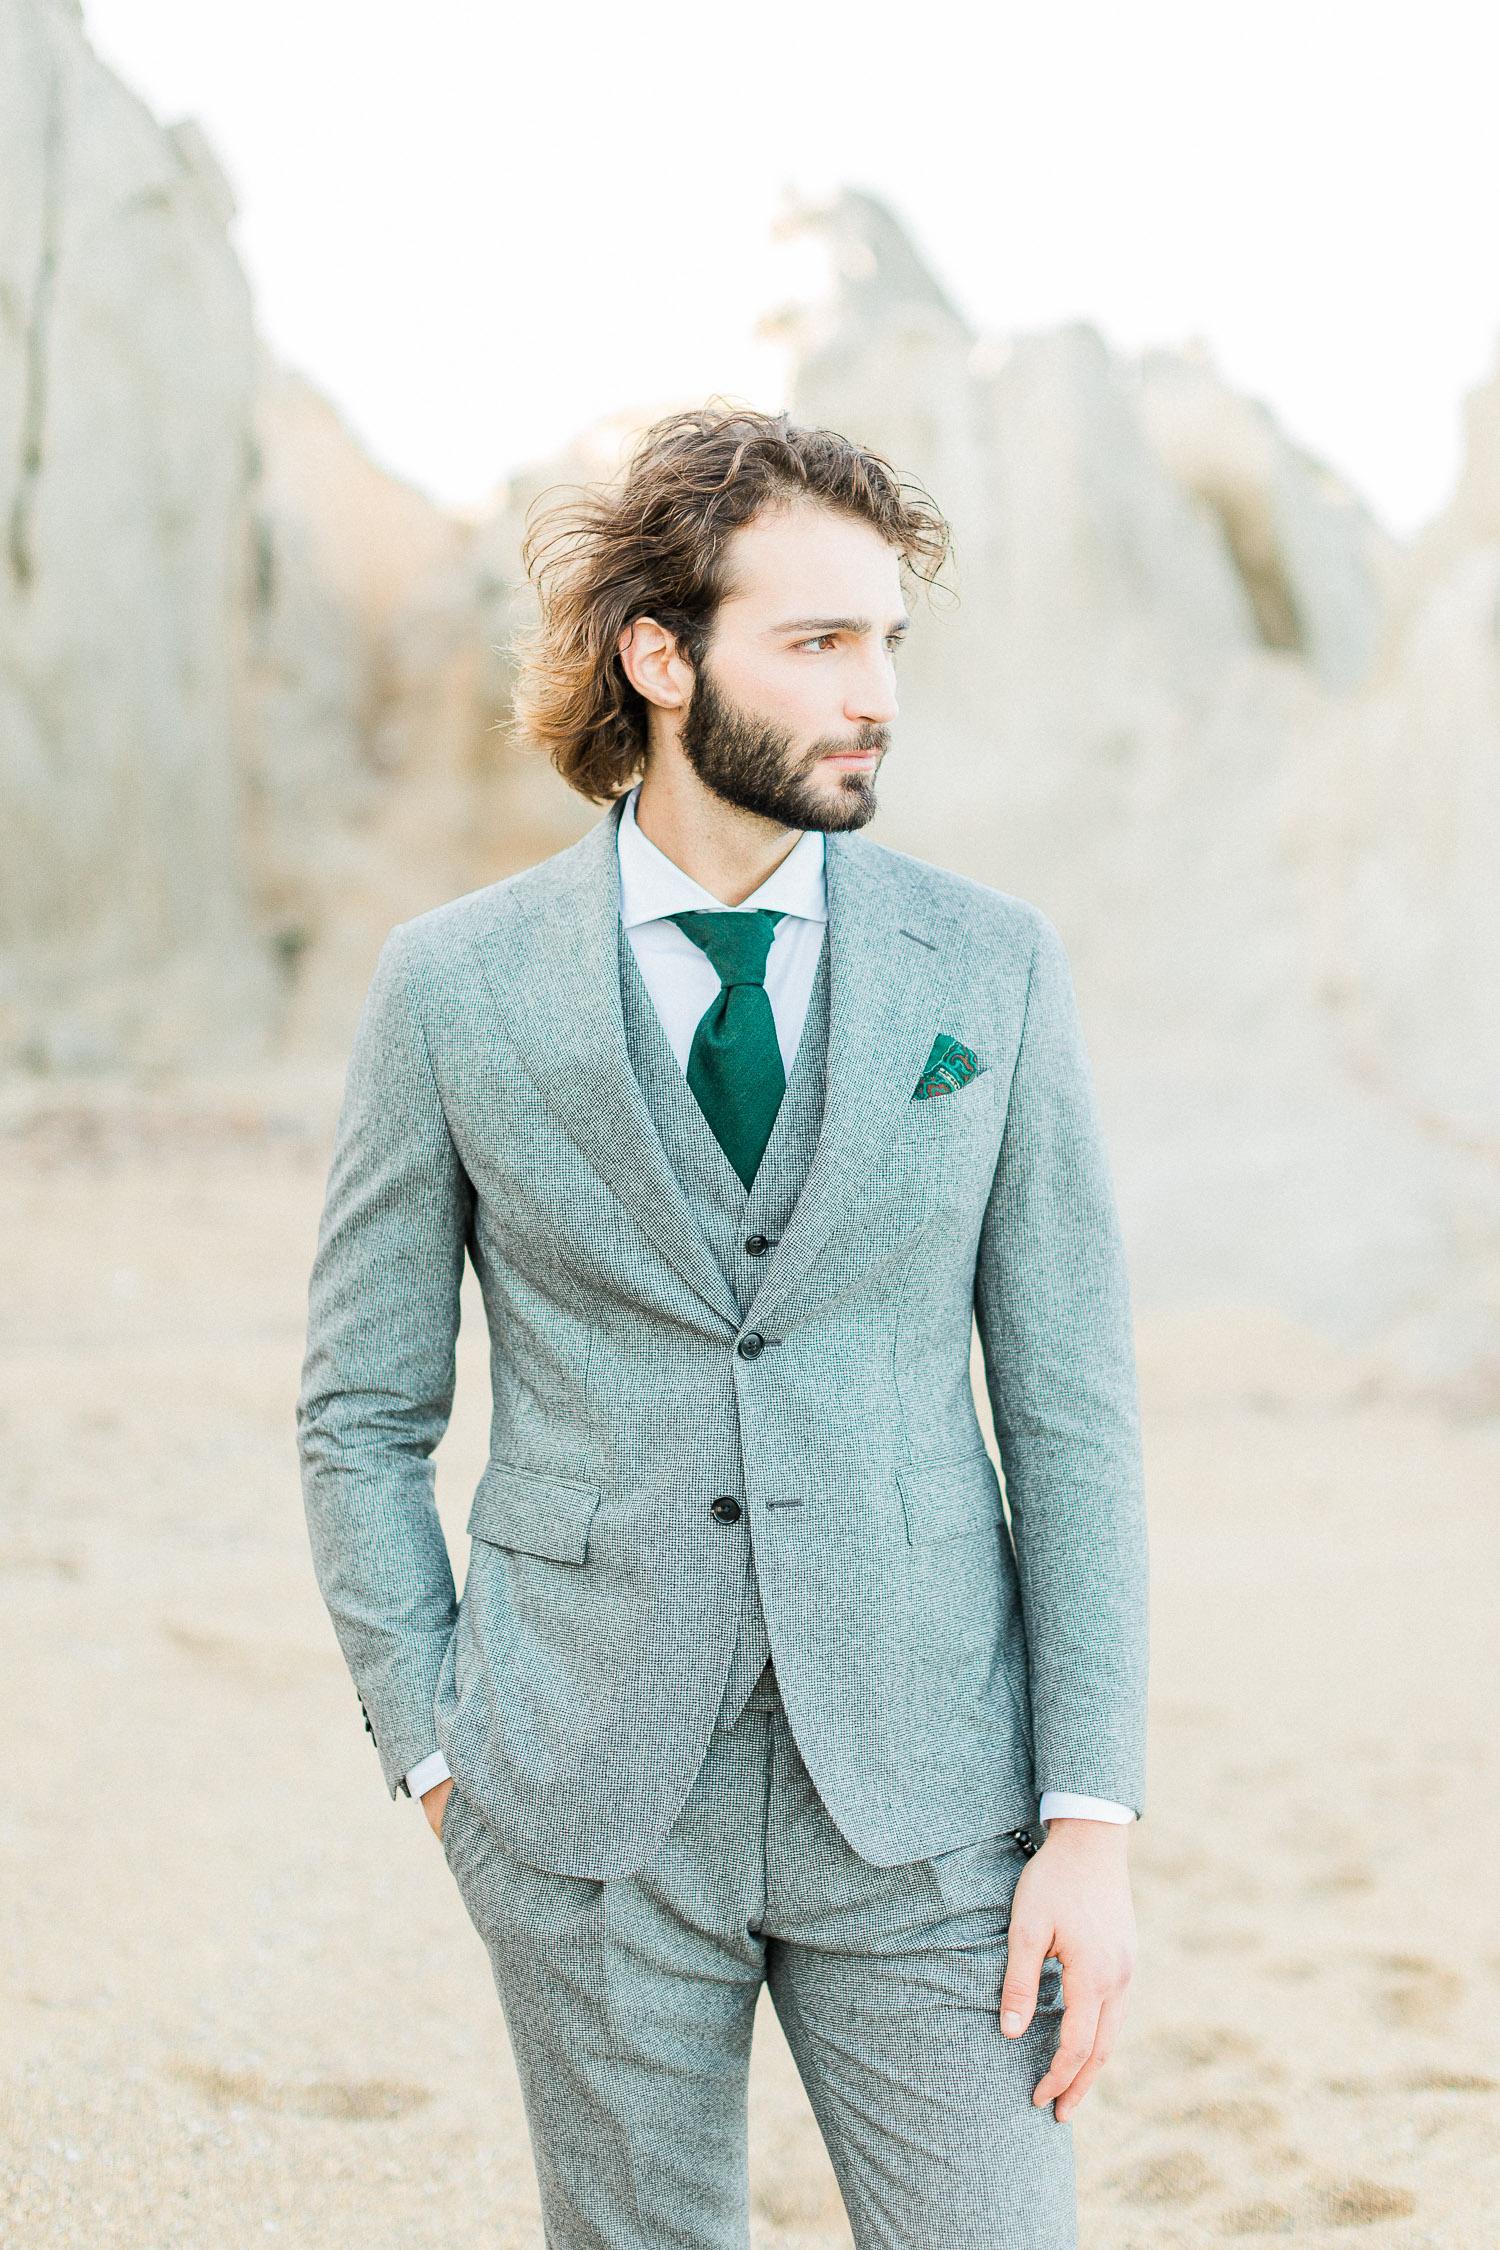 groom's portrait wearing a grey tuxedo